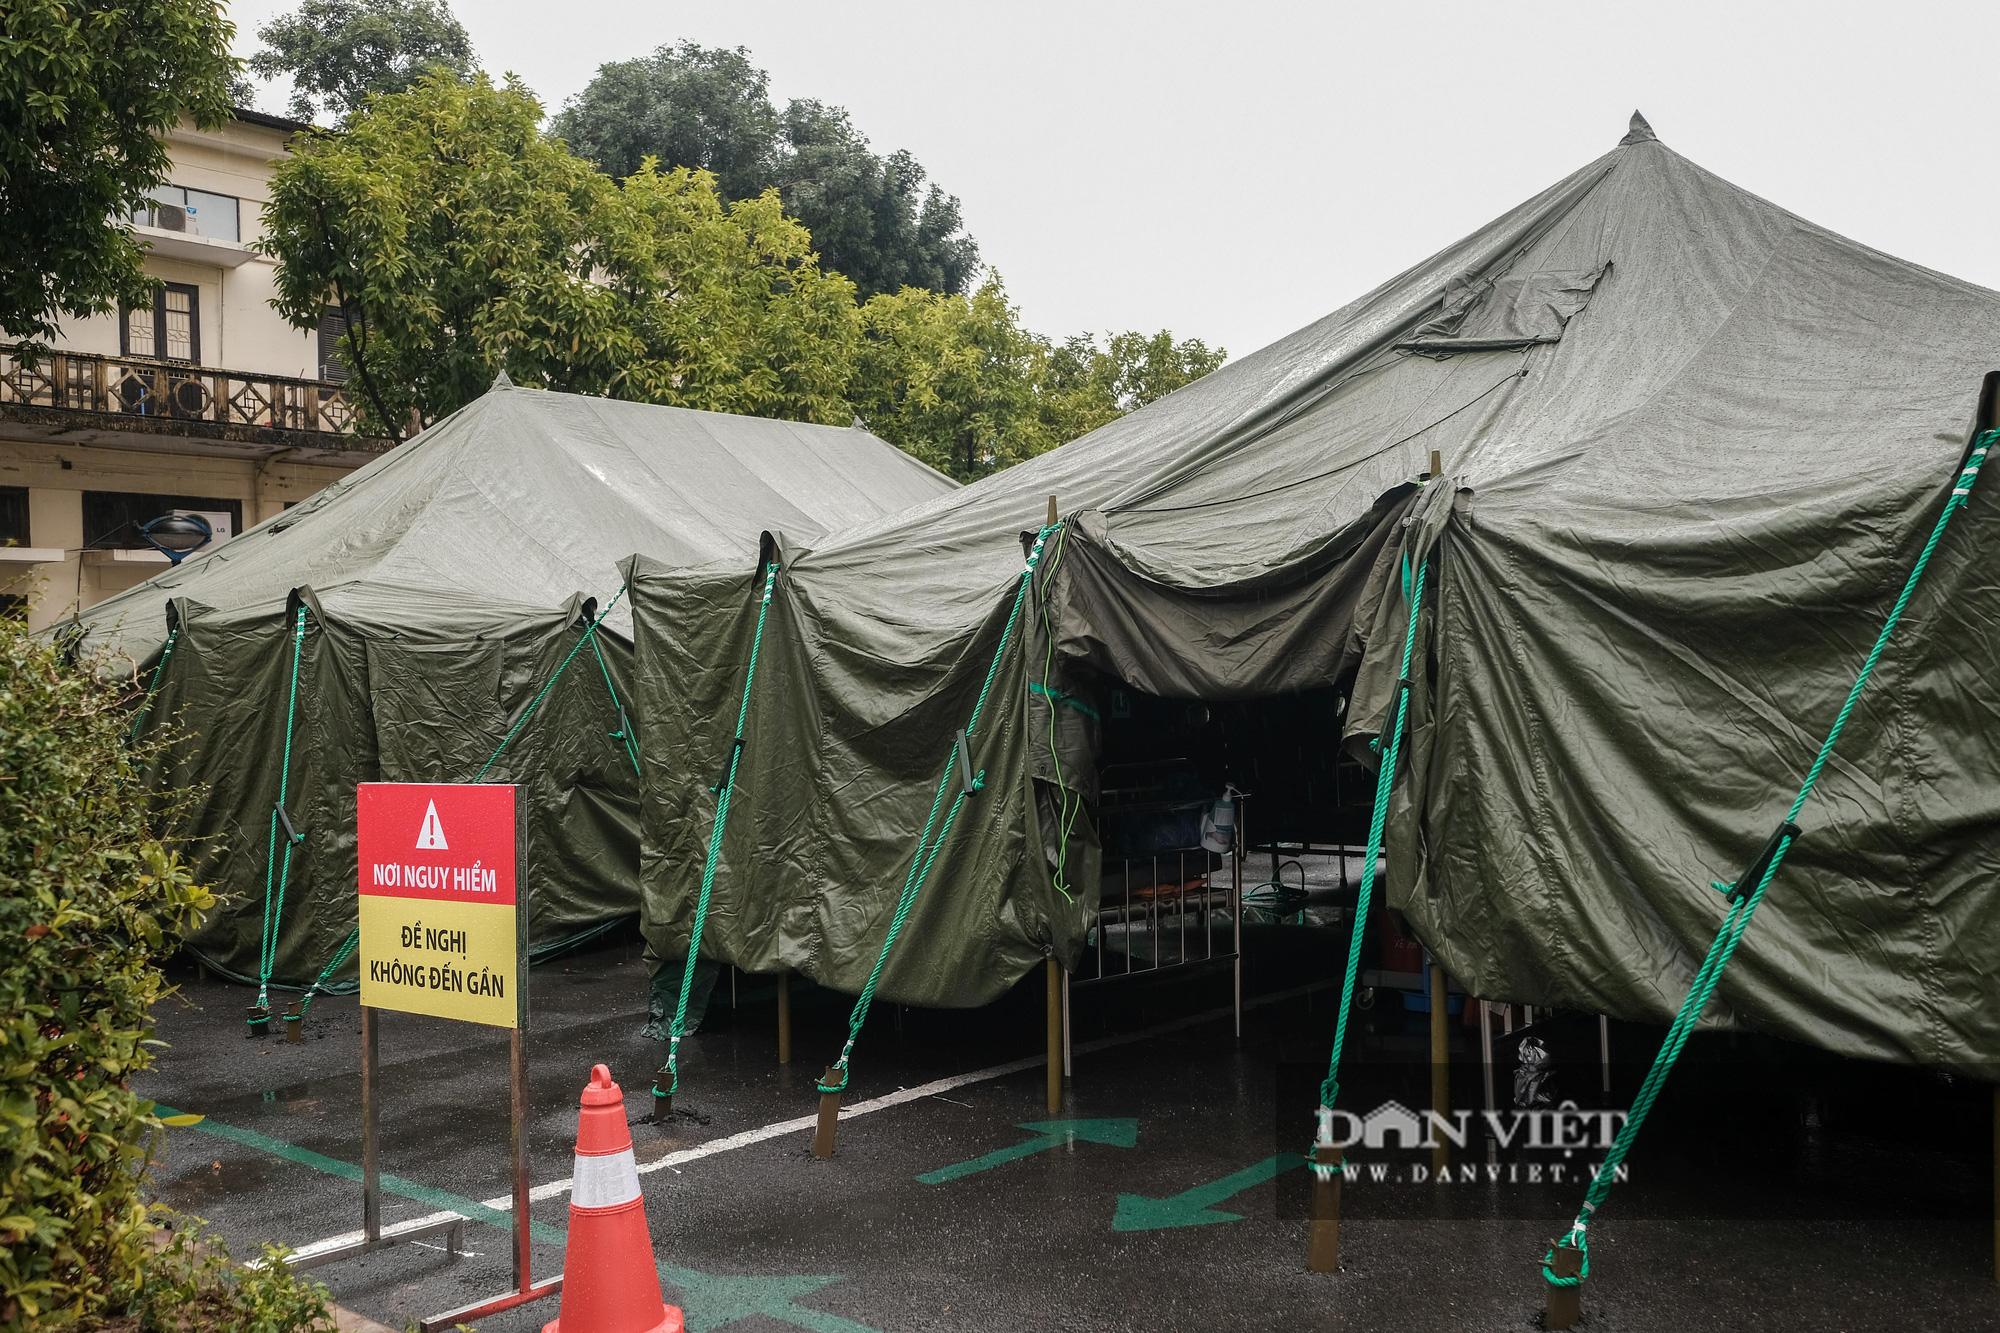 Cận cảnh bệnh viện dã chiến xây trong 4 tiếng ở Hà Nội  - Ảnh 2.